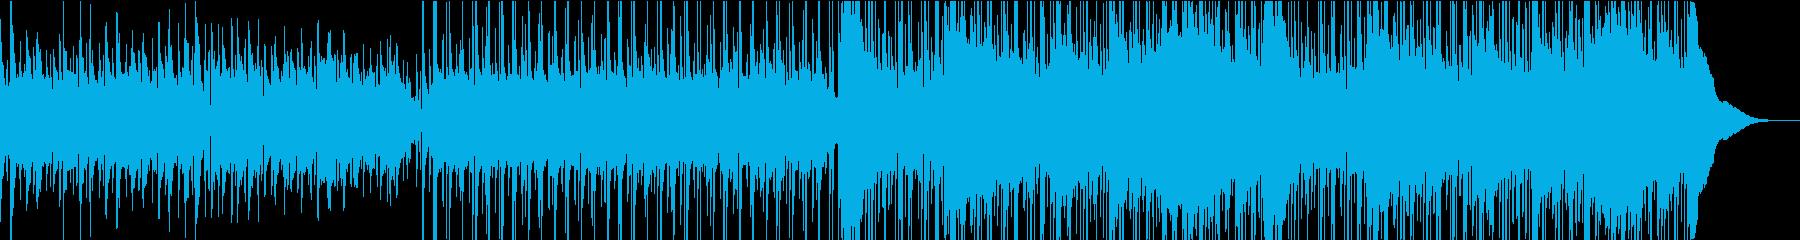 優しく明るいアコギとカホンのポップスの再生済みの波形